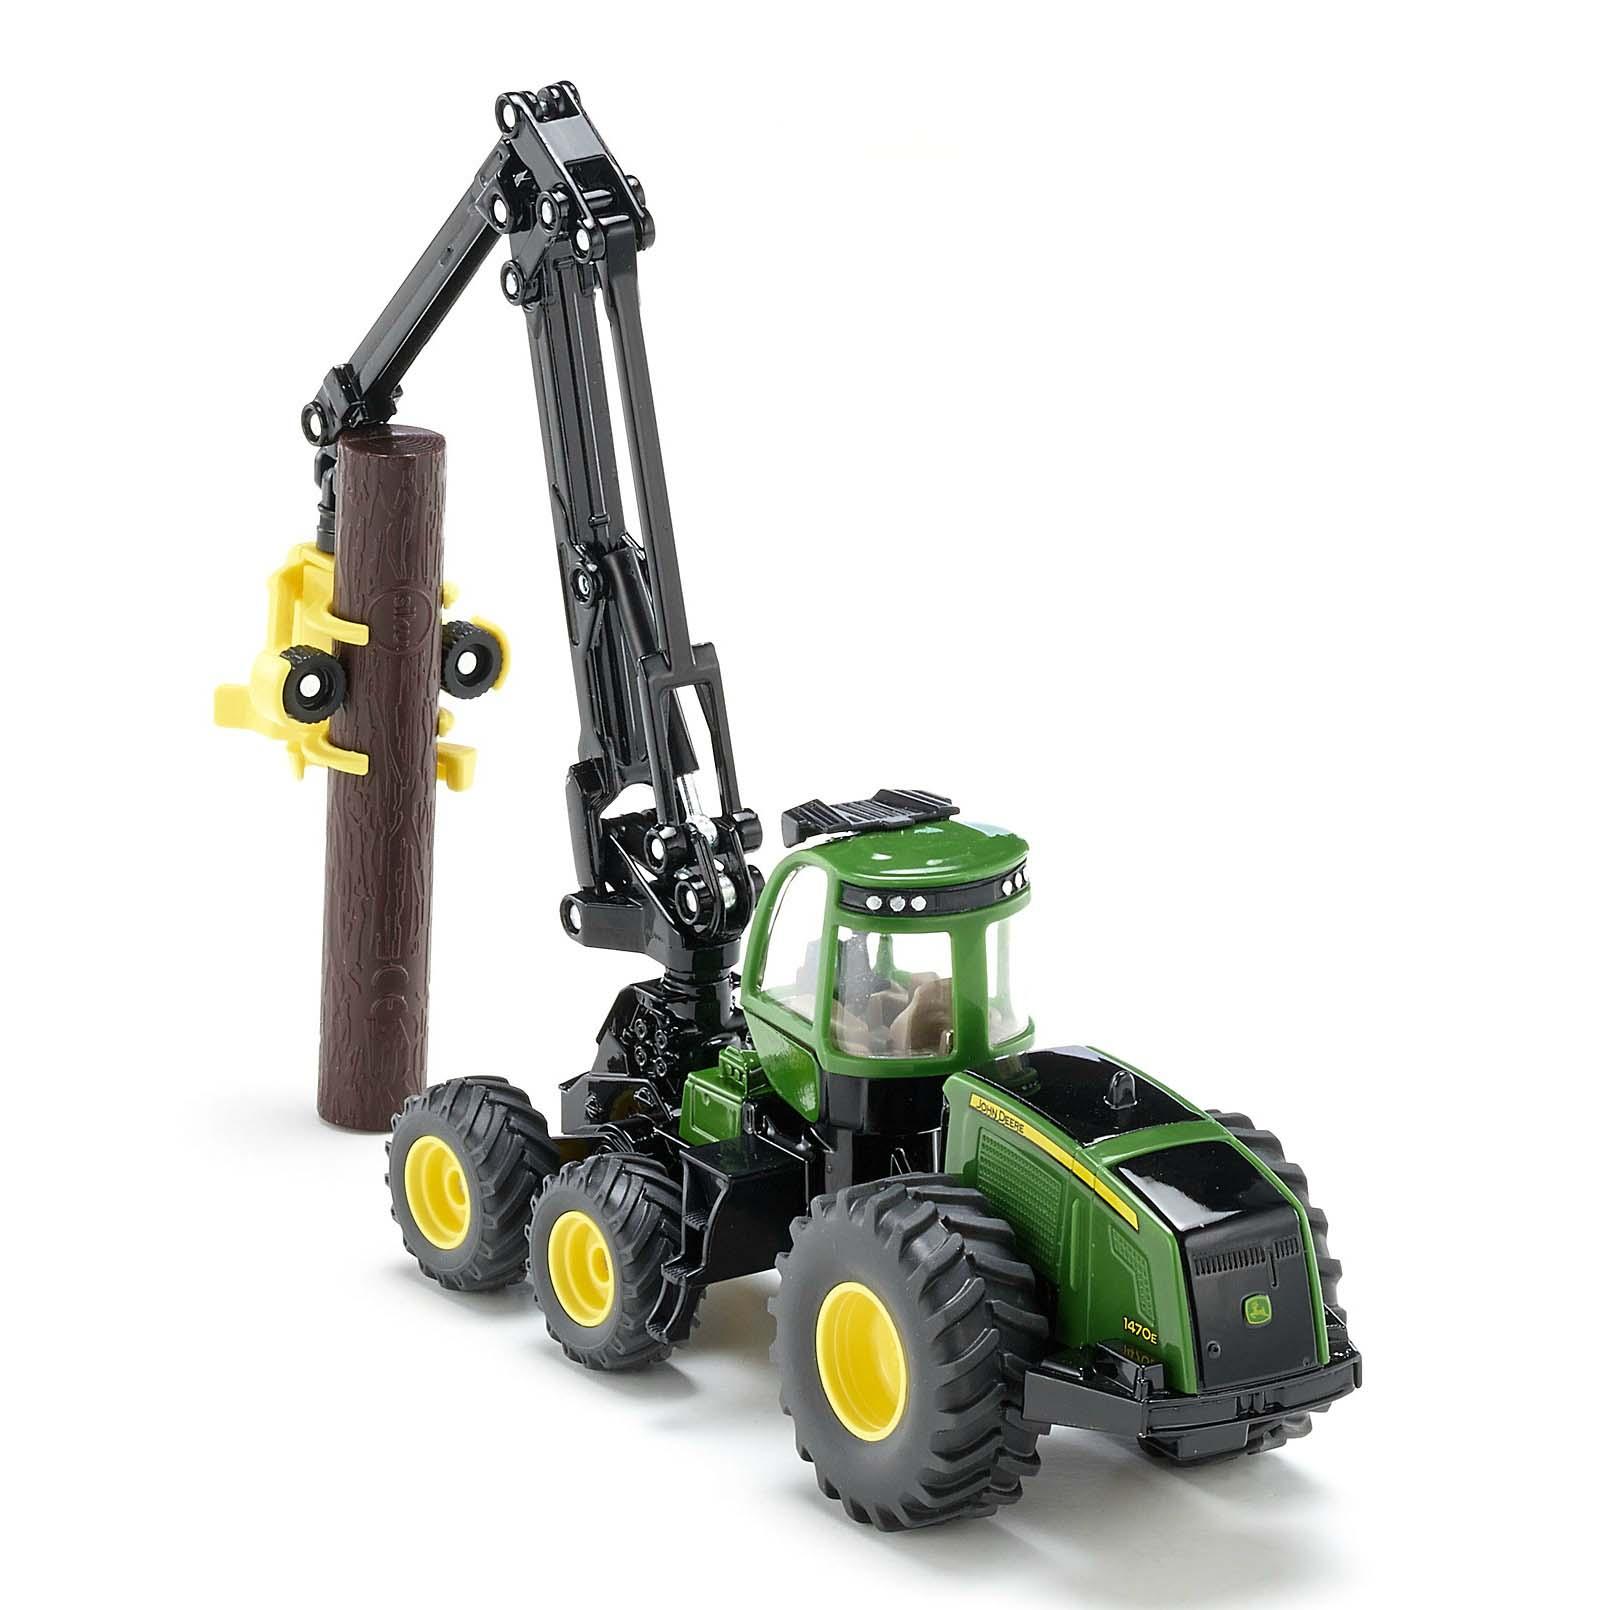 Купить Игрушечная модель - Трактор Джон Дир с захватом для бревен, 1:50, Siku